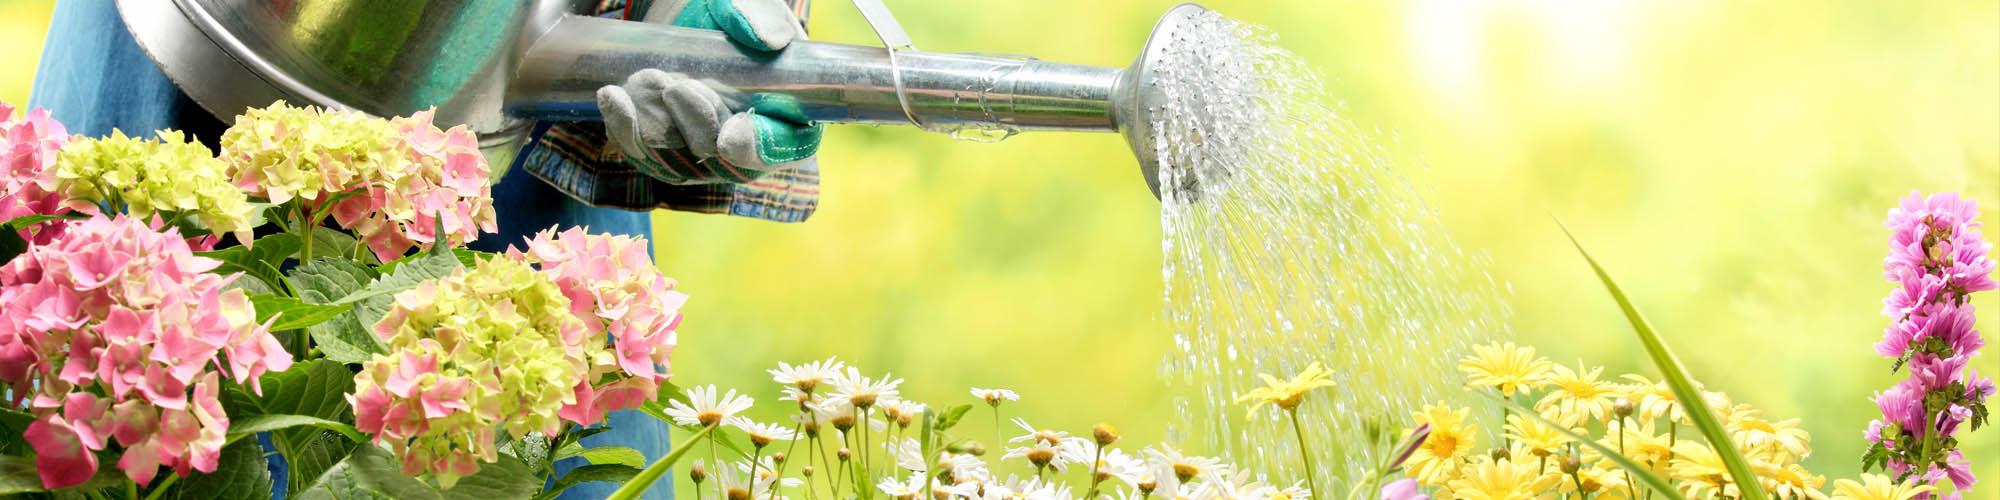 Giardinaggio - Vendita online prodotti per il giardinaggio